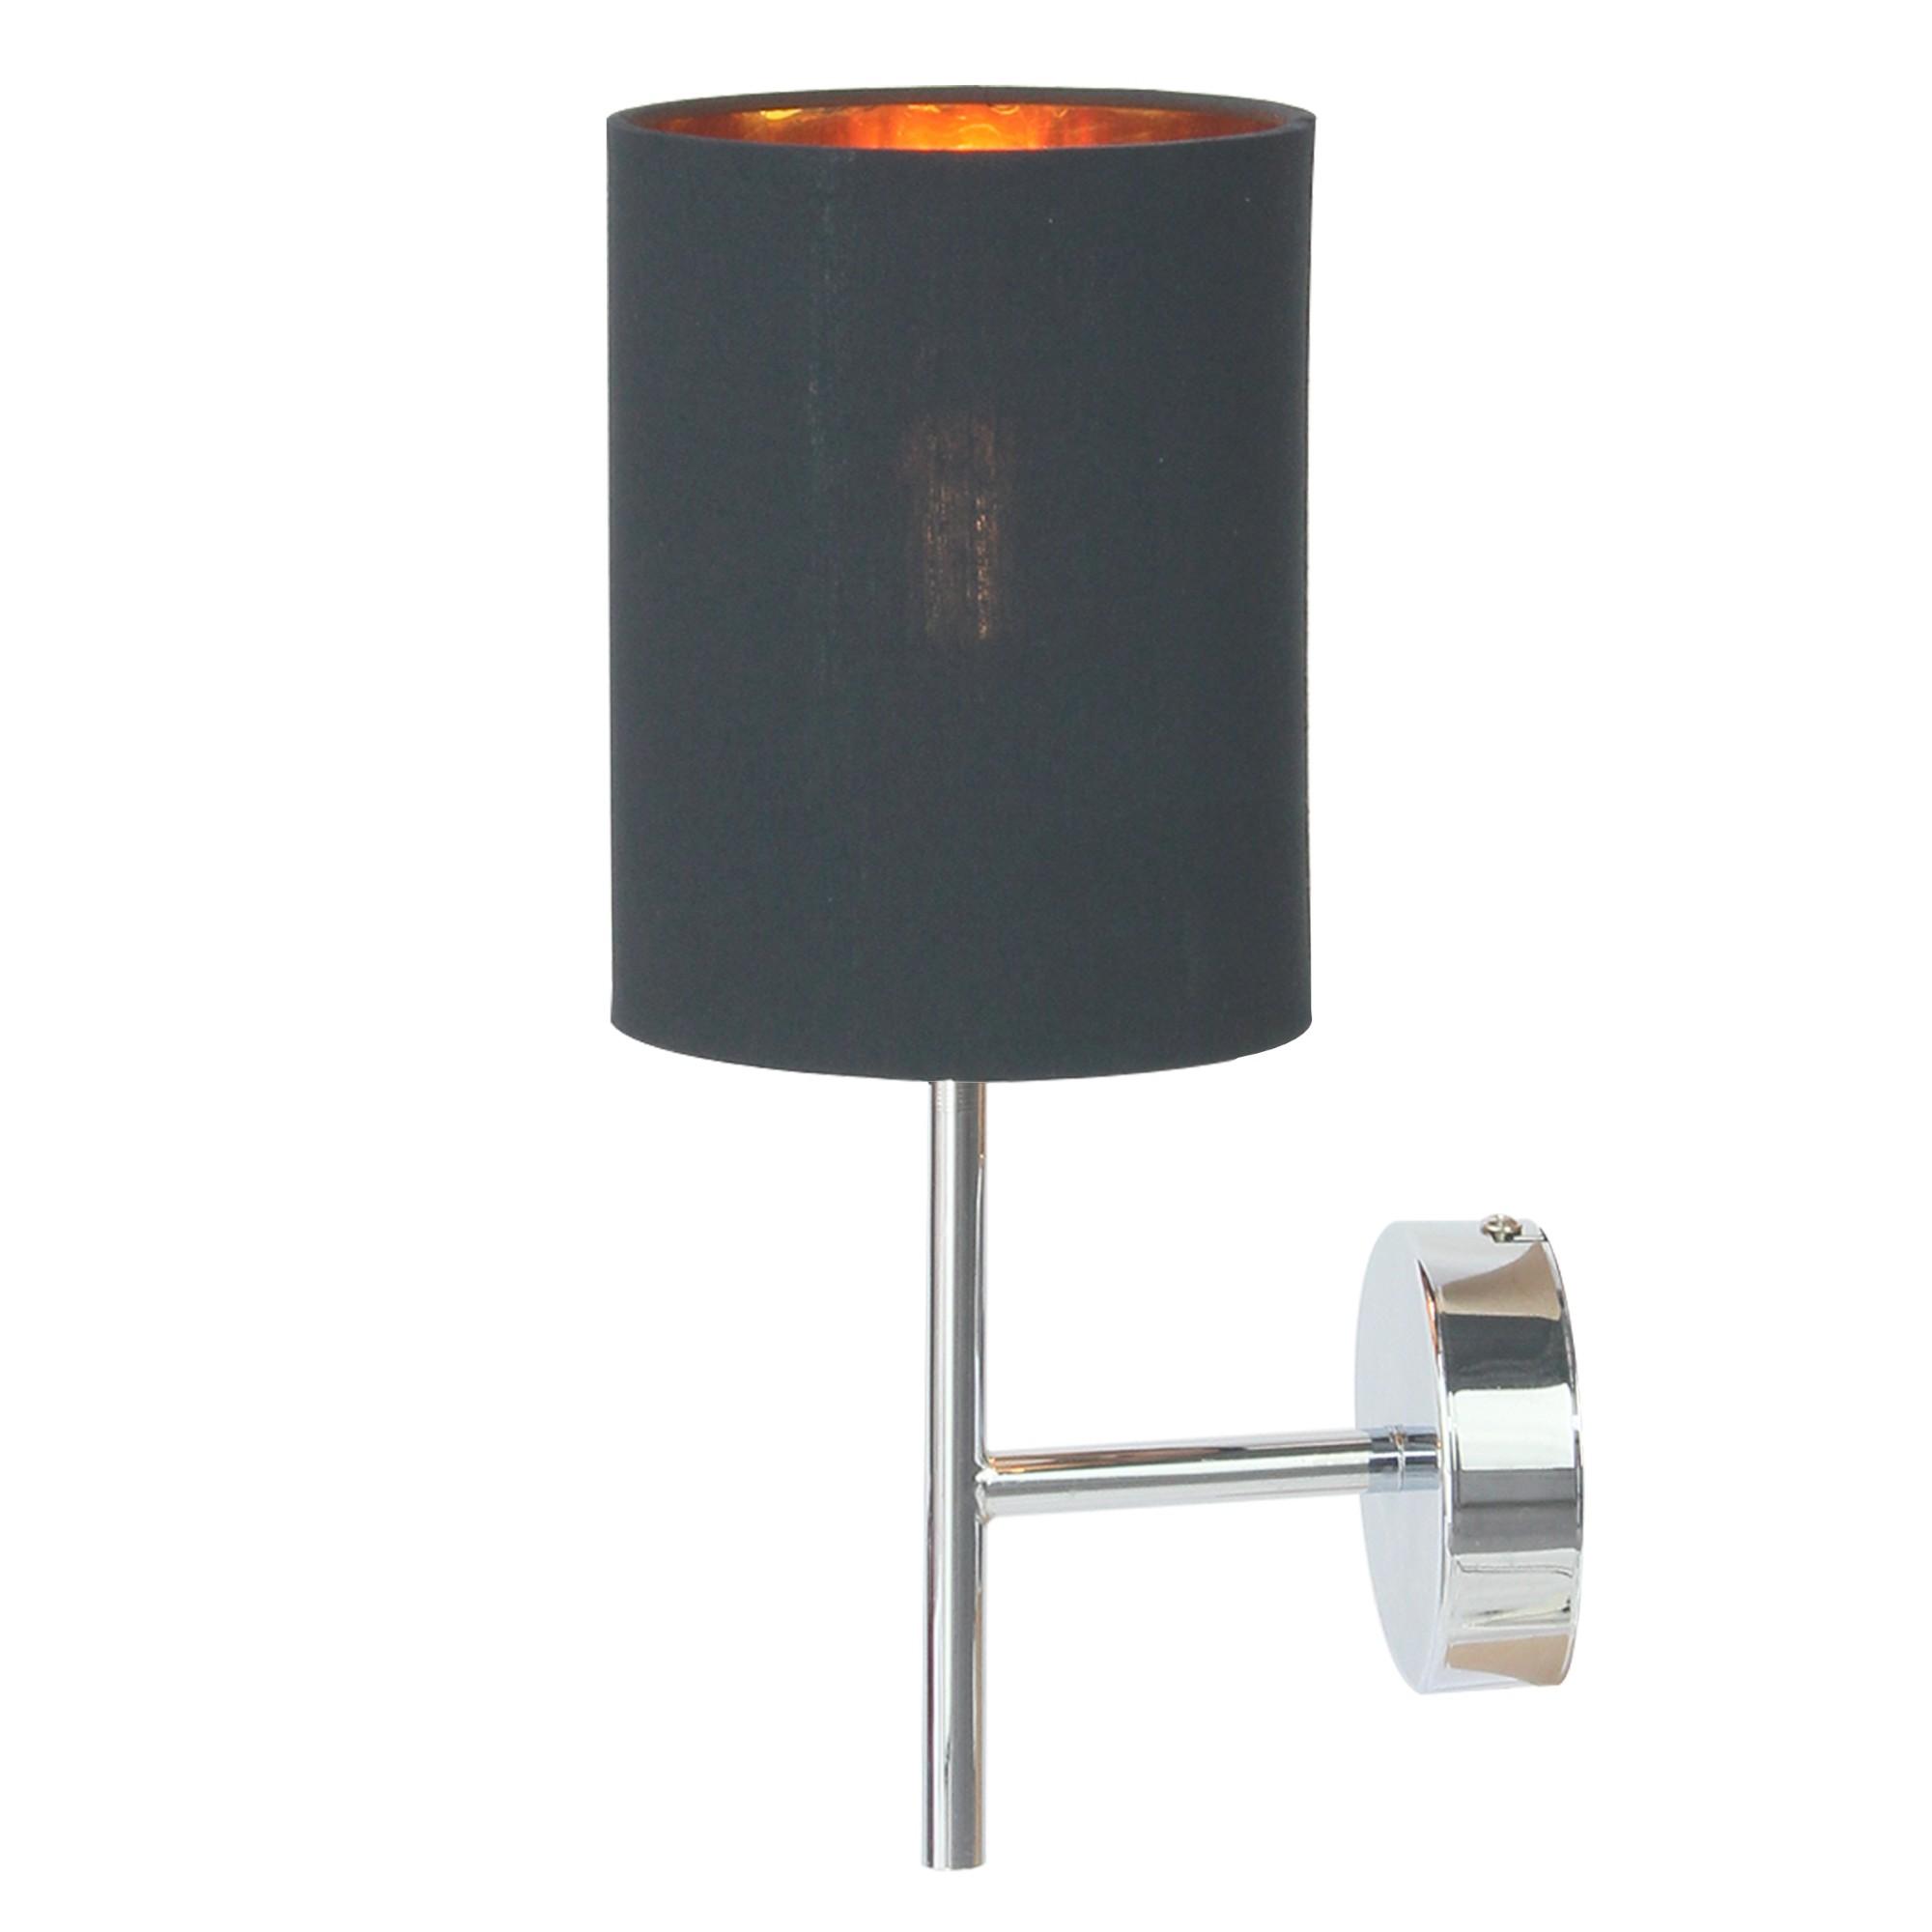 Arandela Aco Preta 1 Lampada Bivolt - Ecoline